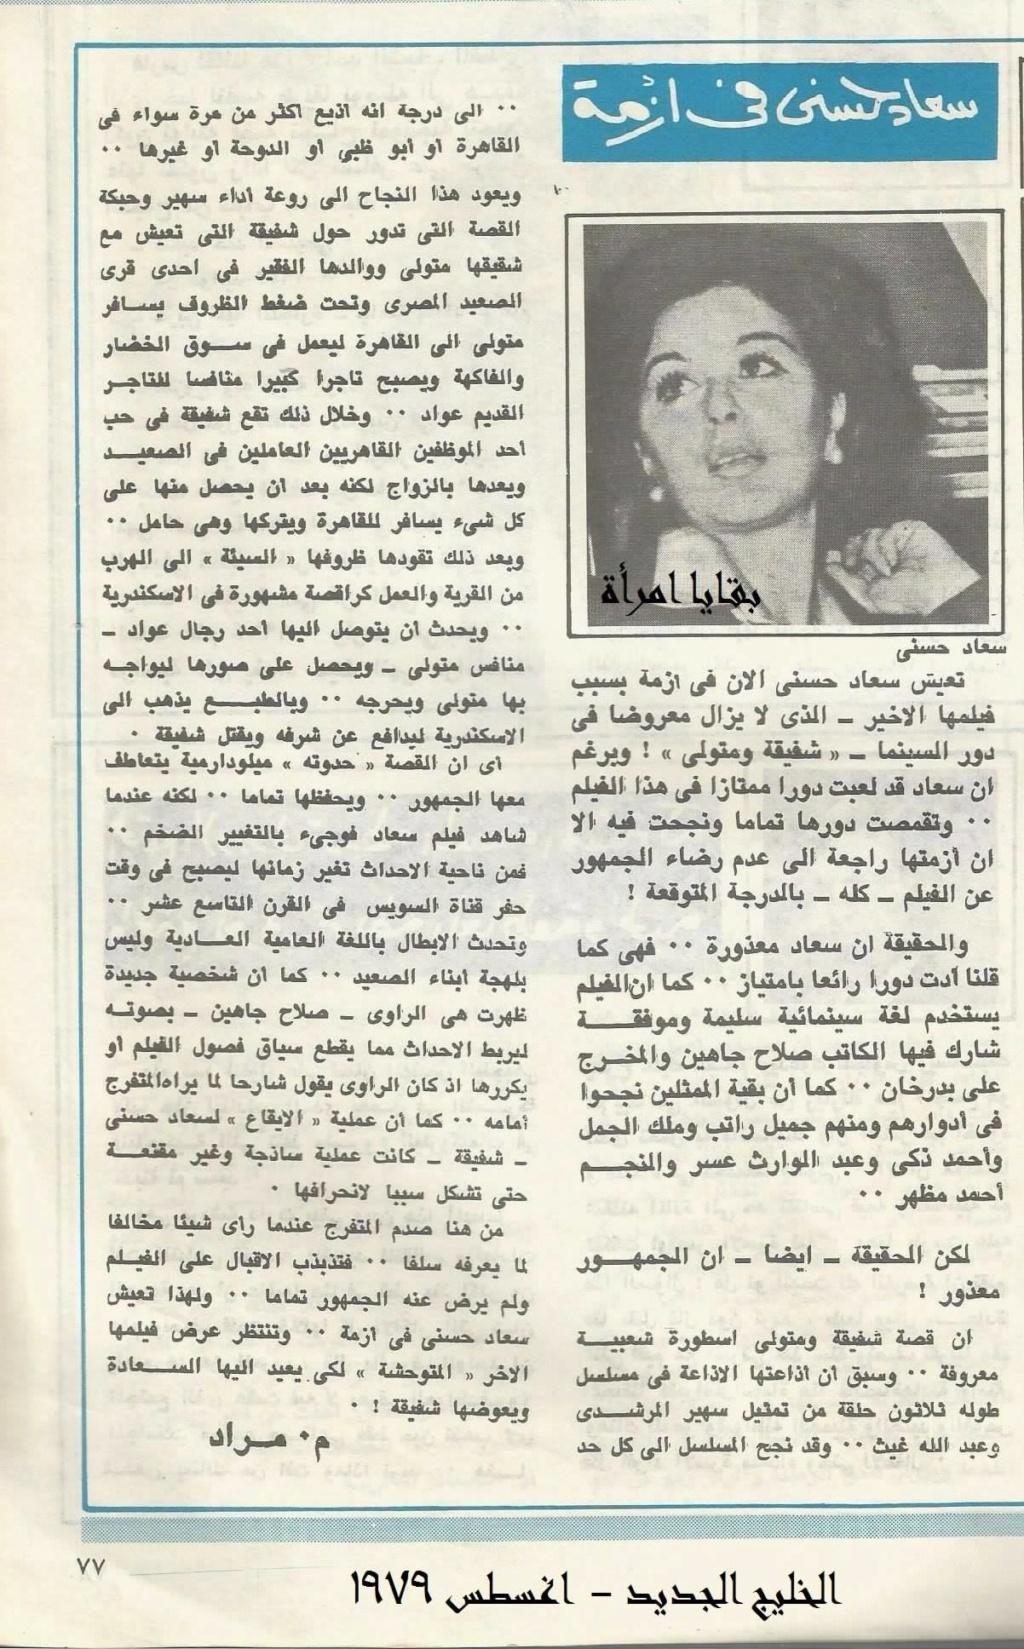 نقد صحفي : سعاد حسني في ازمة 1979 م C_yao_93